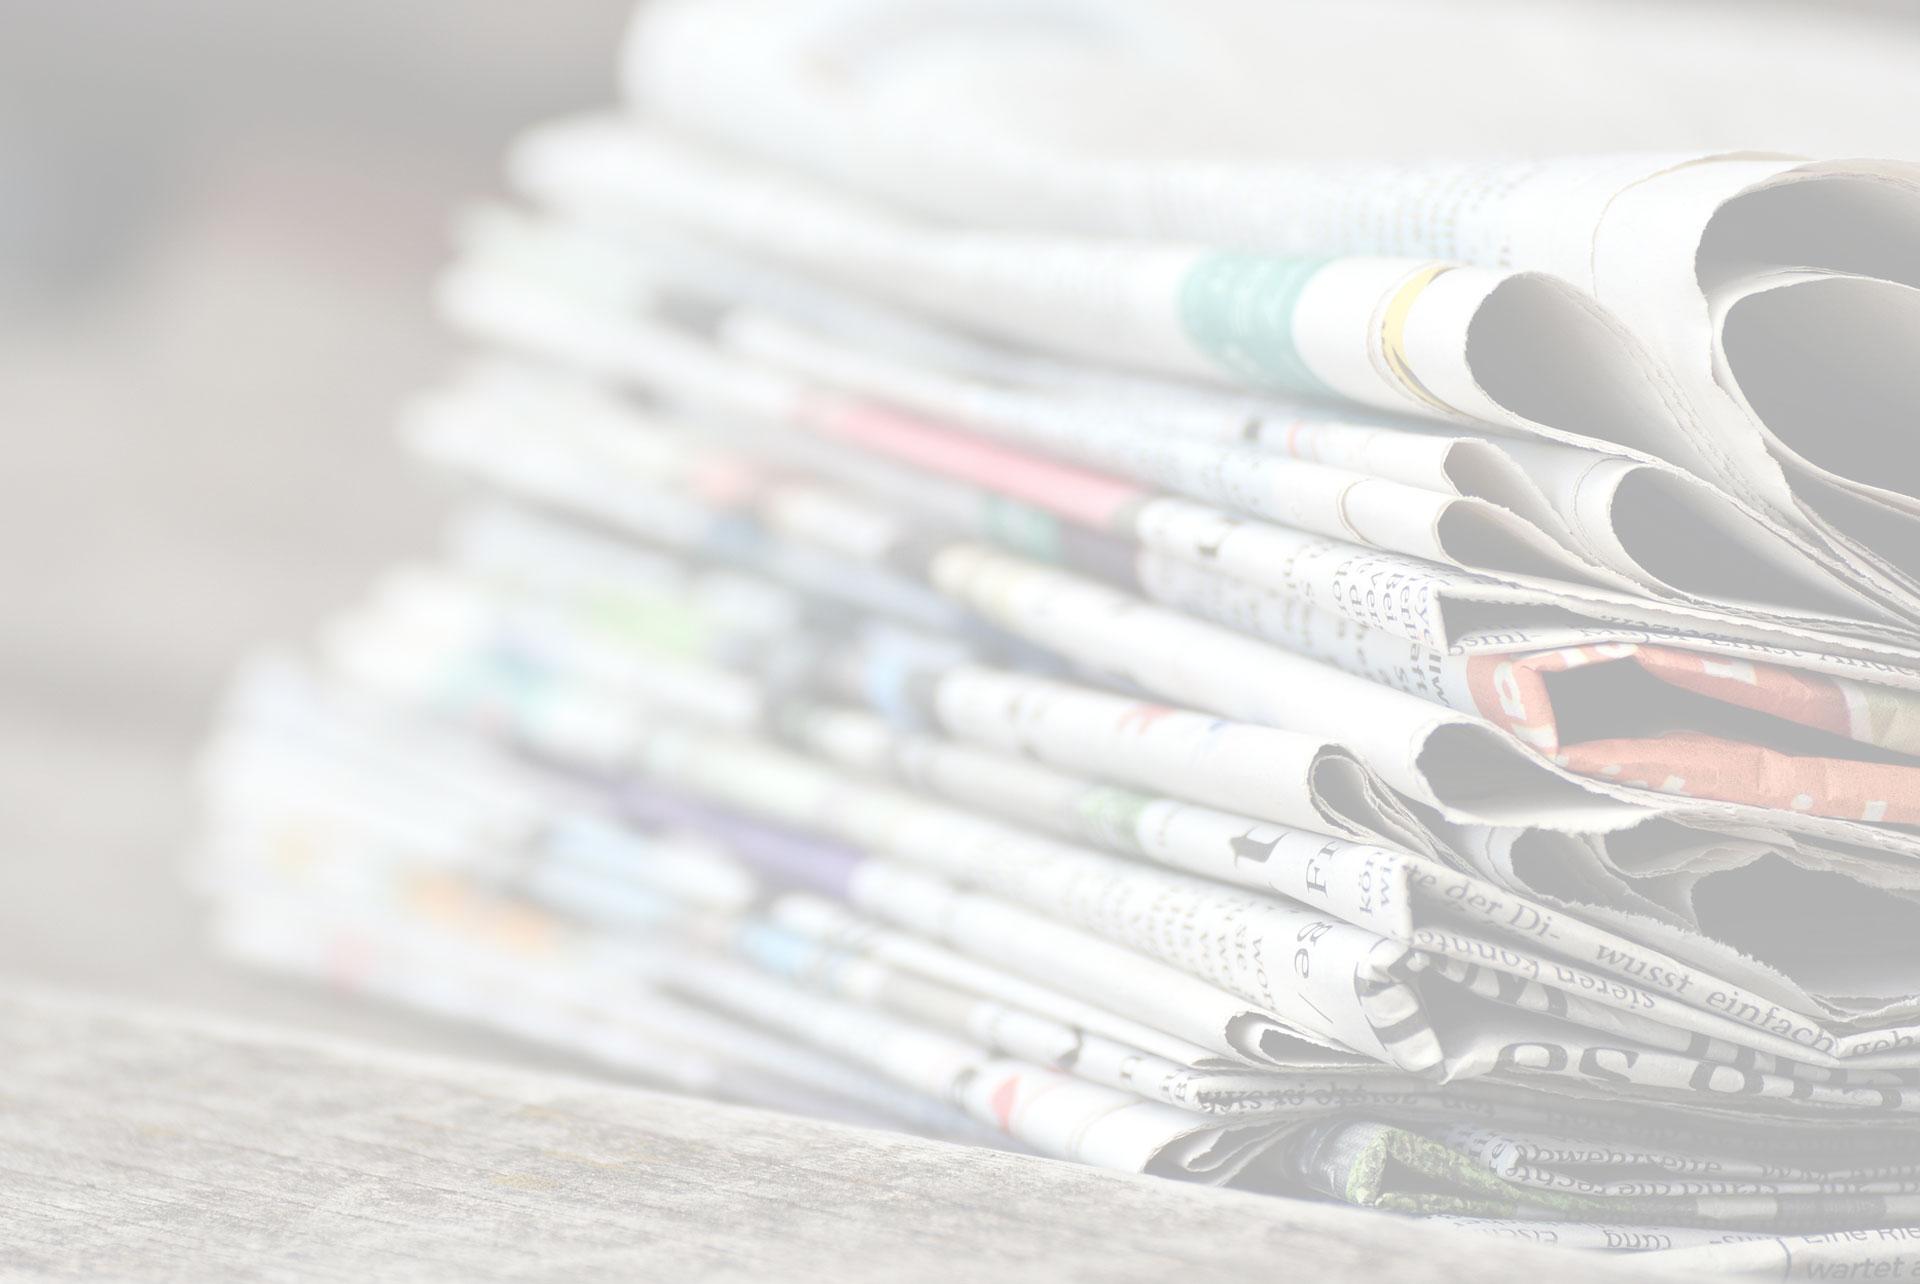 PX_Certificato ssl siti